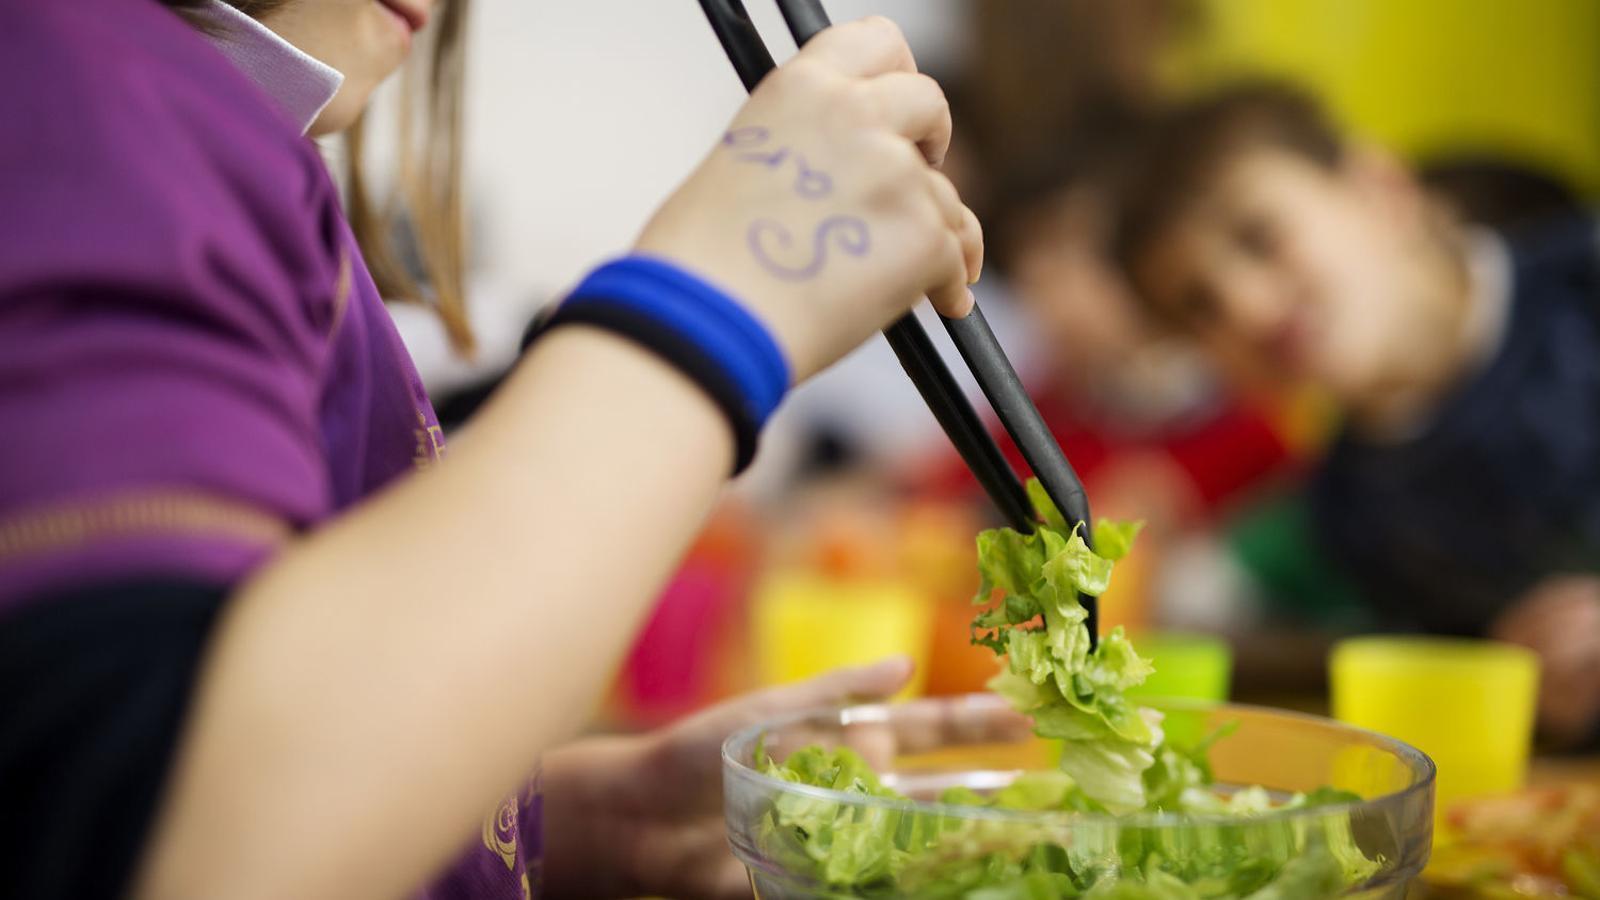 Una nena es serveix un plat d'amanida al menjador de la seva escola